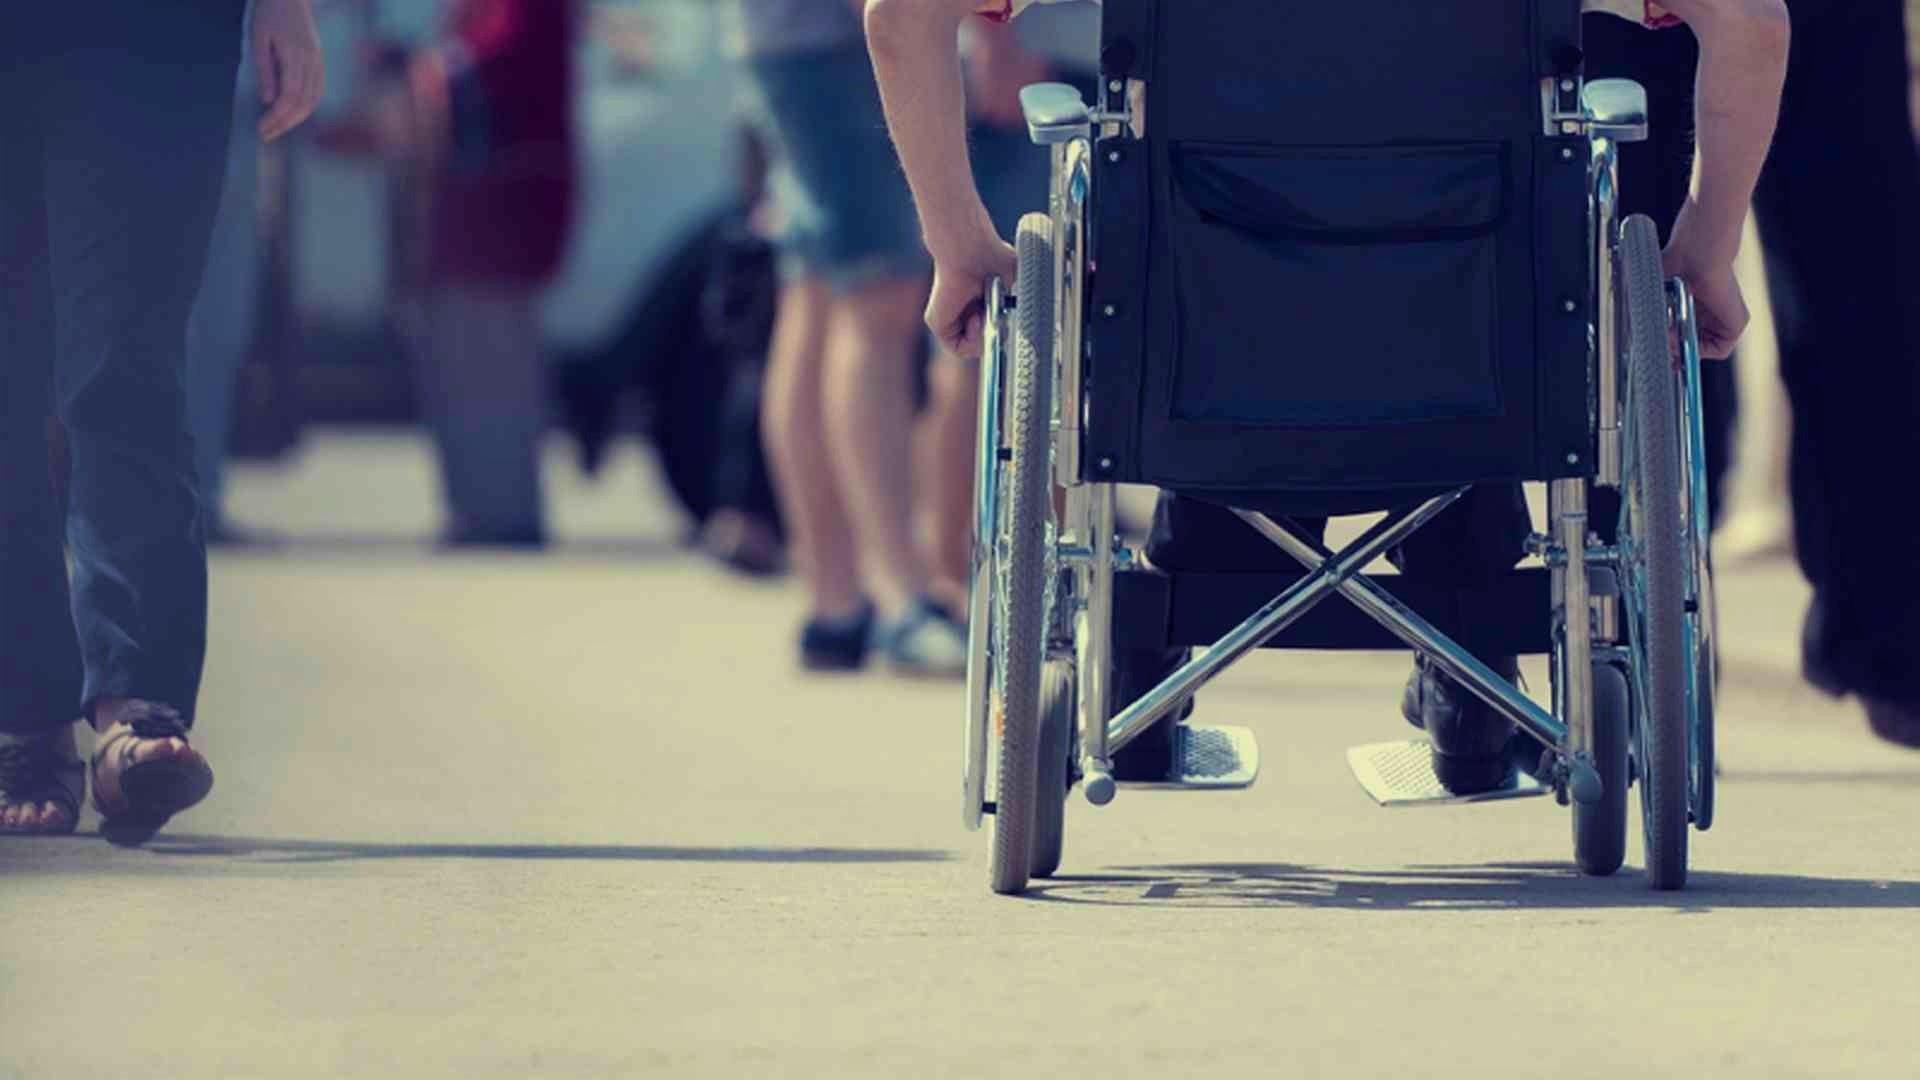 Κρούουν τον κώδωνα του κινδύνου τα άτομα με αναπηρία